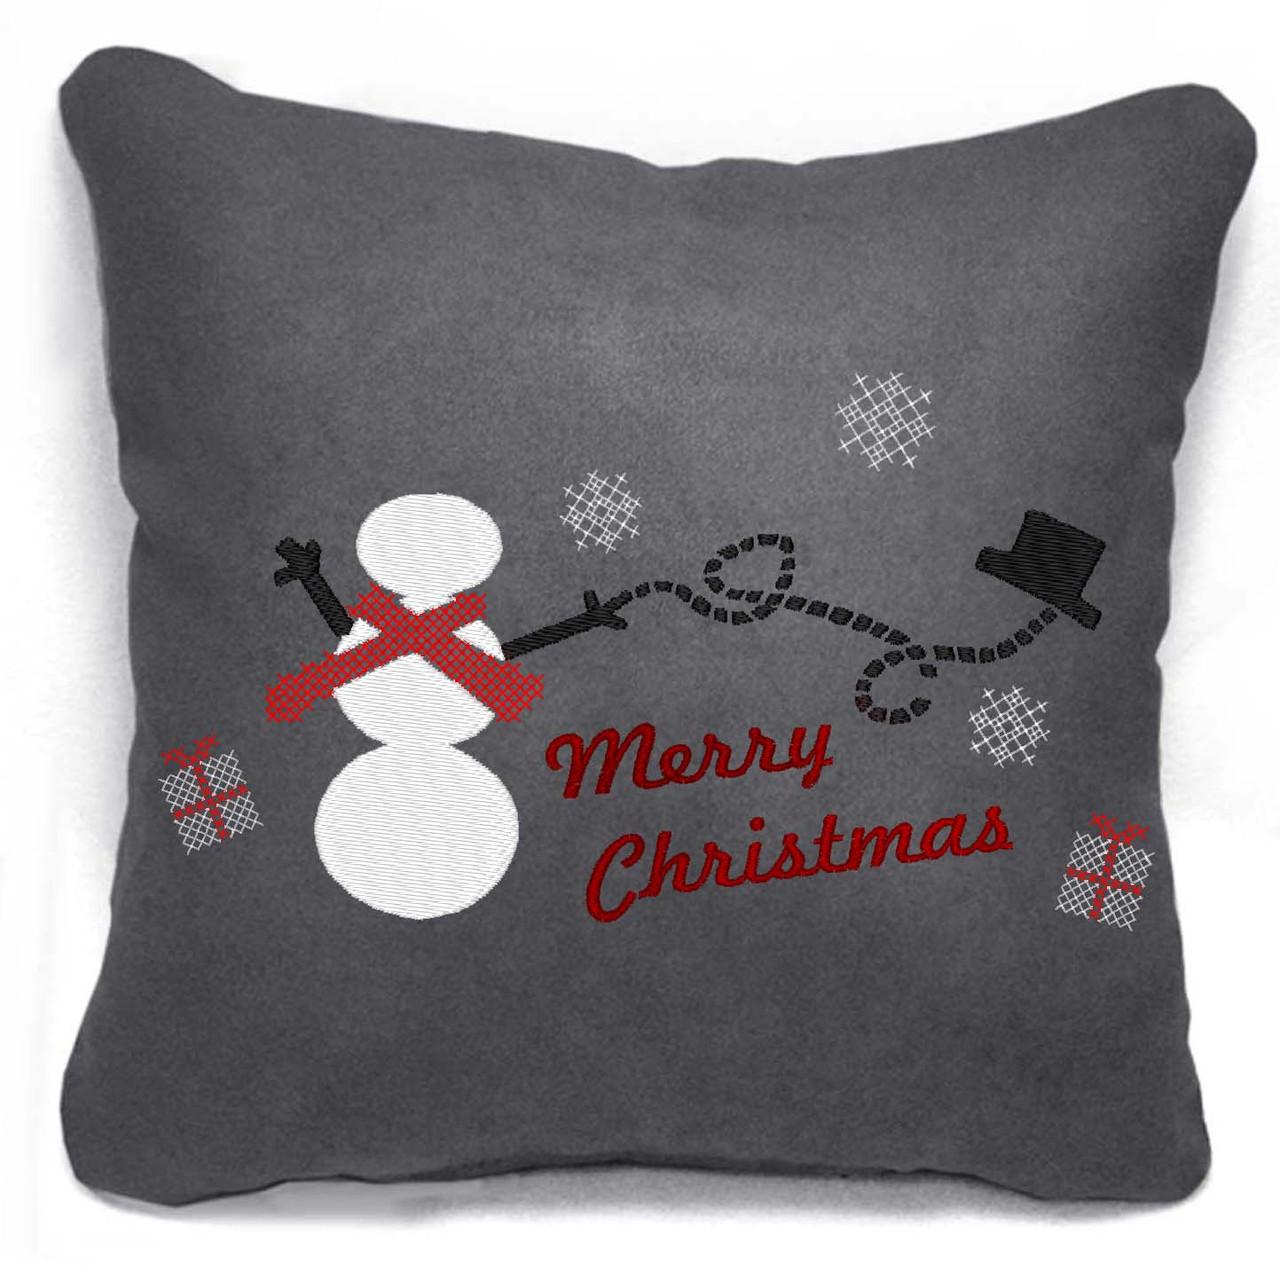 """Новогодняя подушка """"Merry Christmas/Снеговик"""" 29 - Оптовый интернет-магазин """"Slivki"""" в Днепре"""